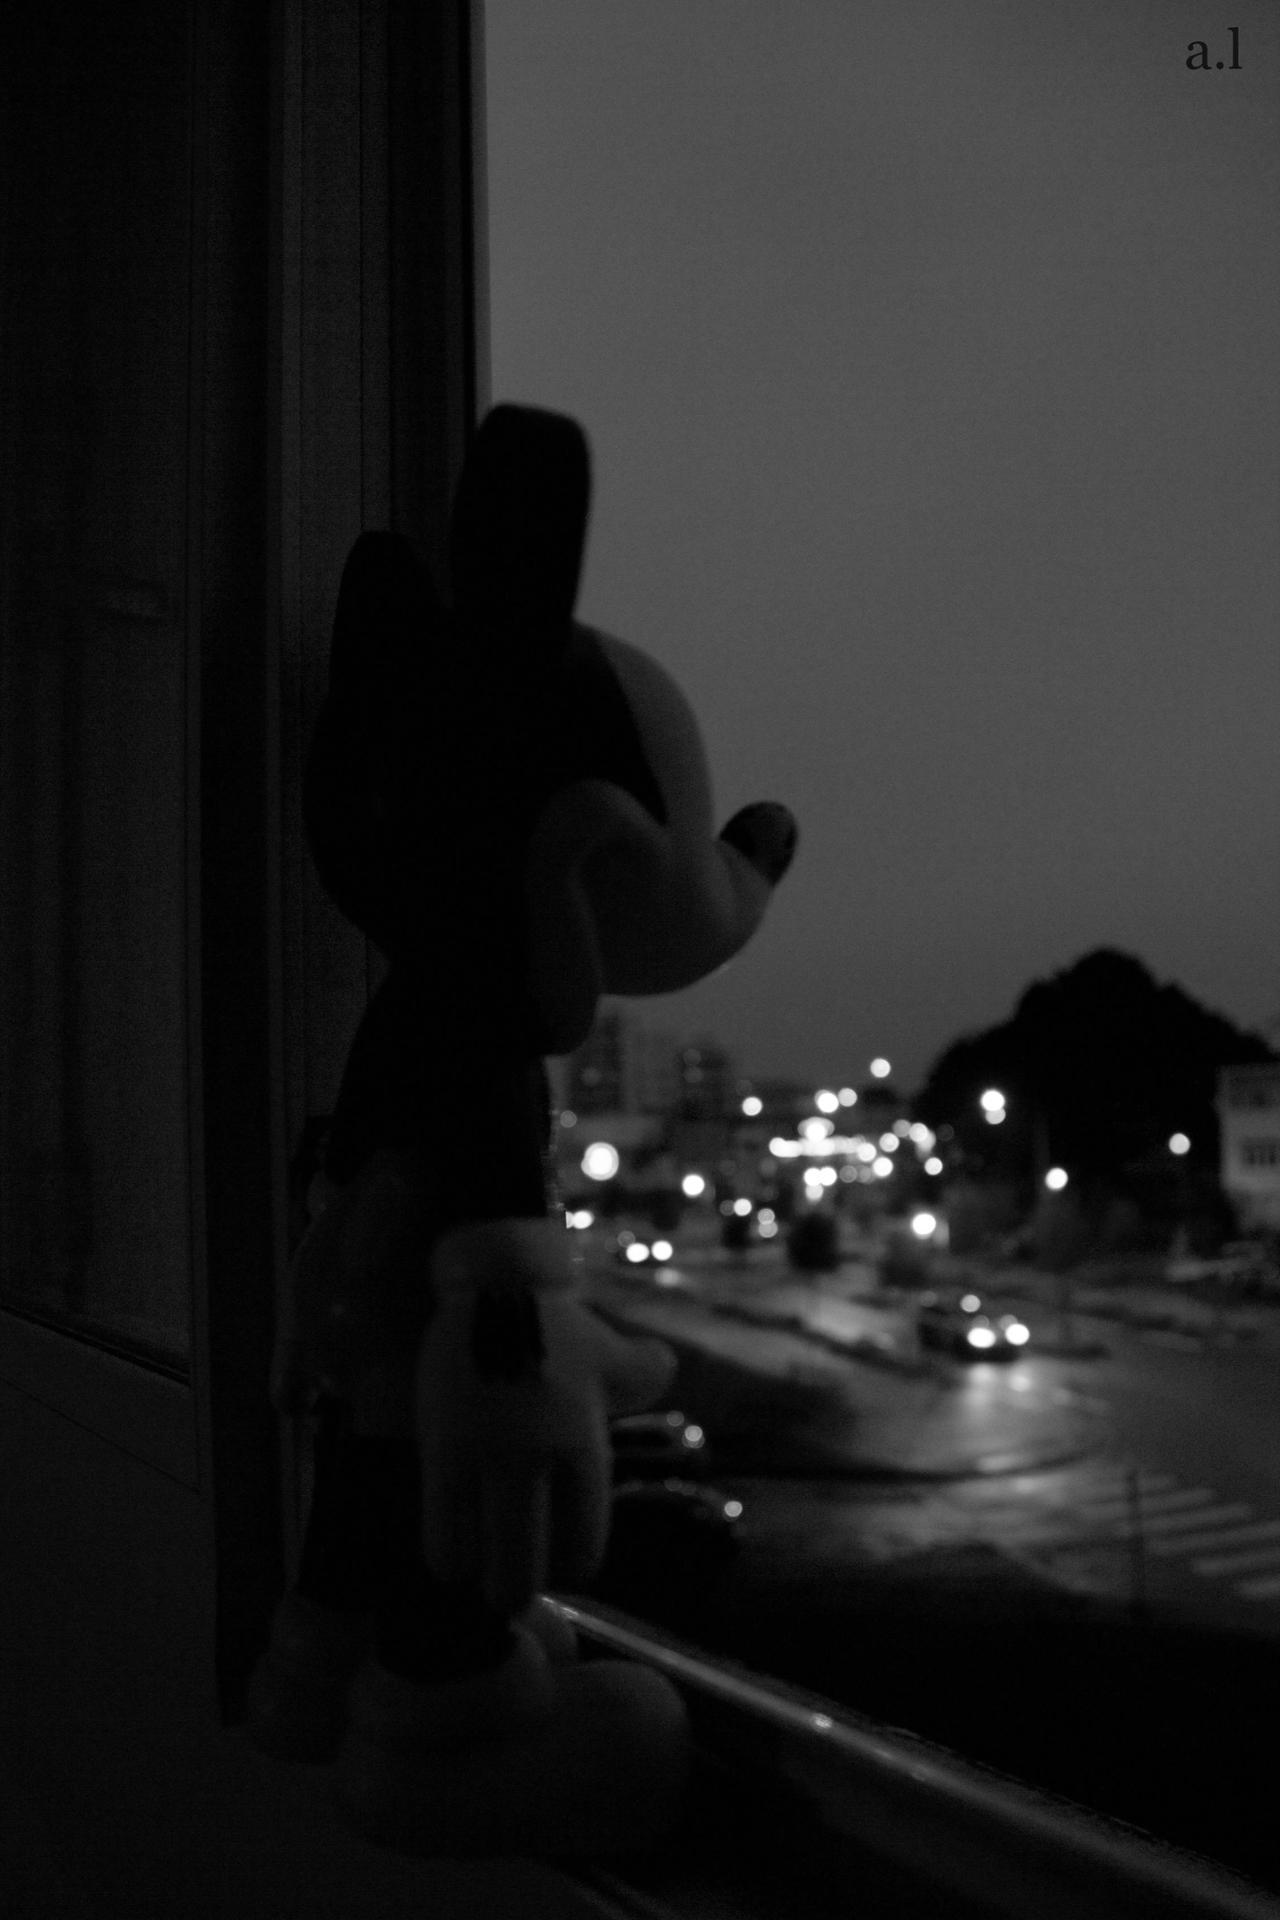 Mickey is in myouse.